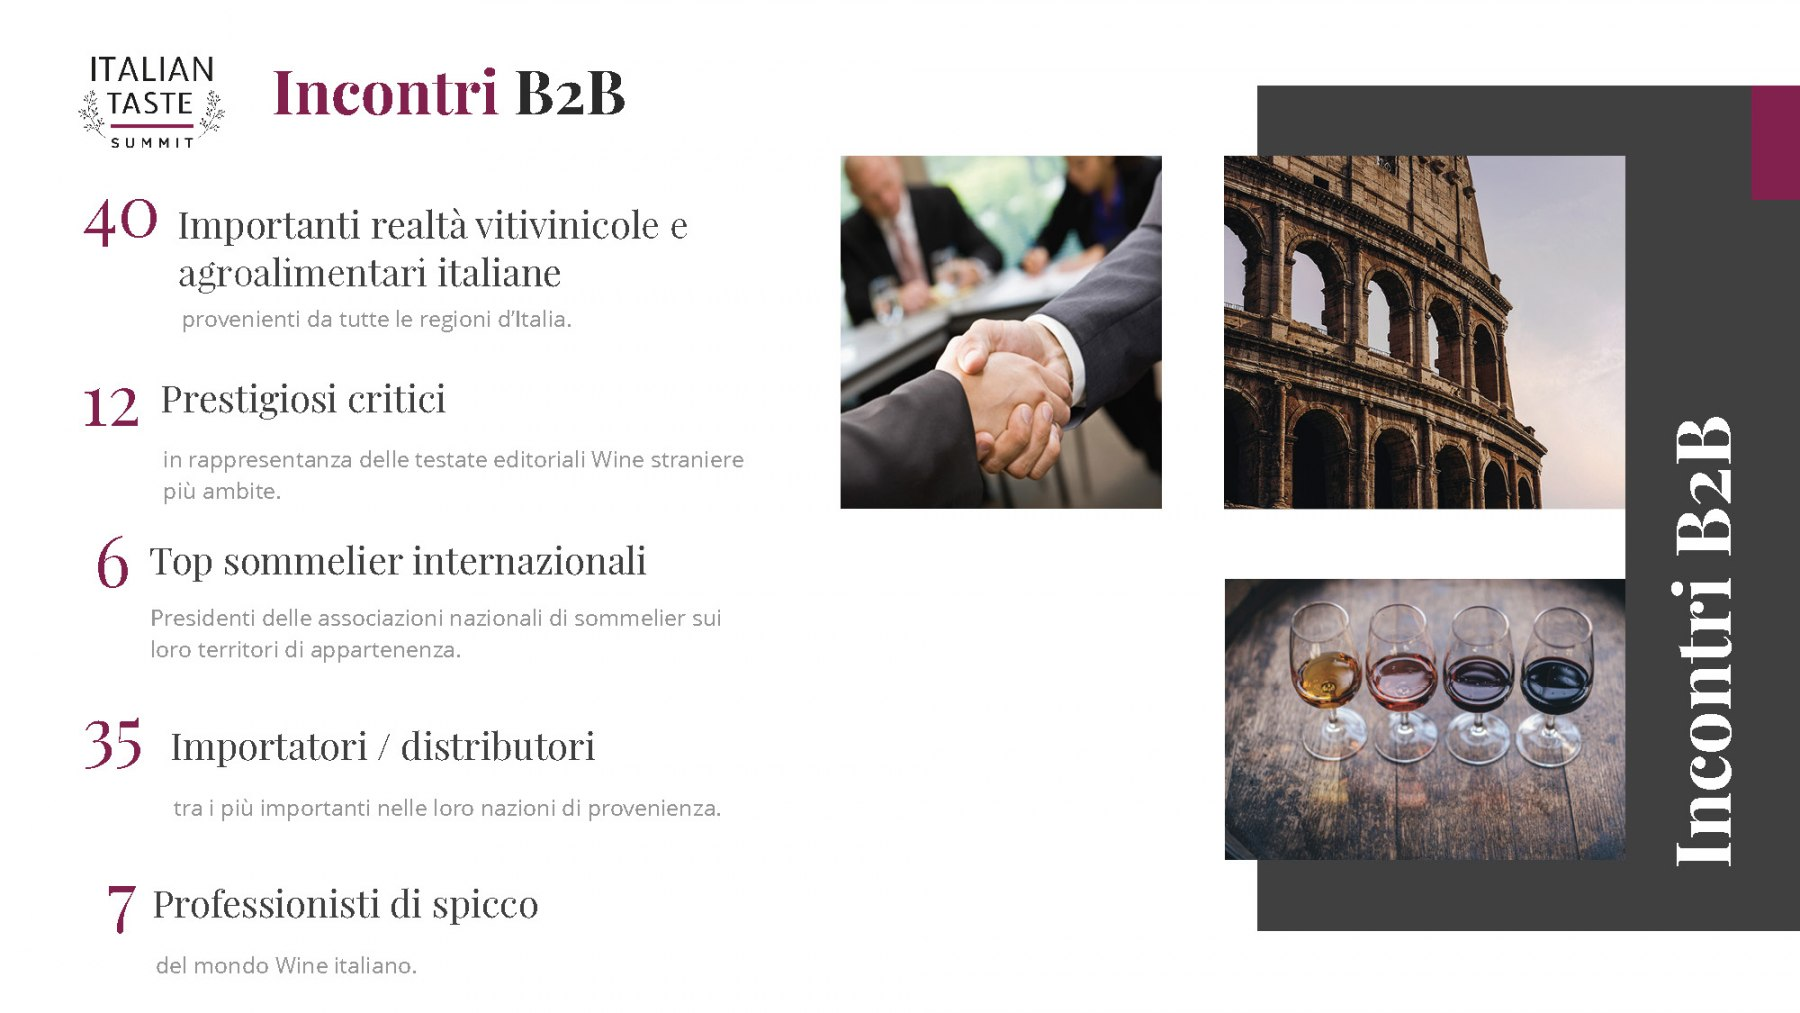 Italian-Taste-Summit-IT-2020_08